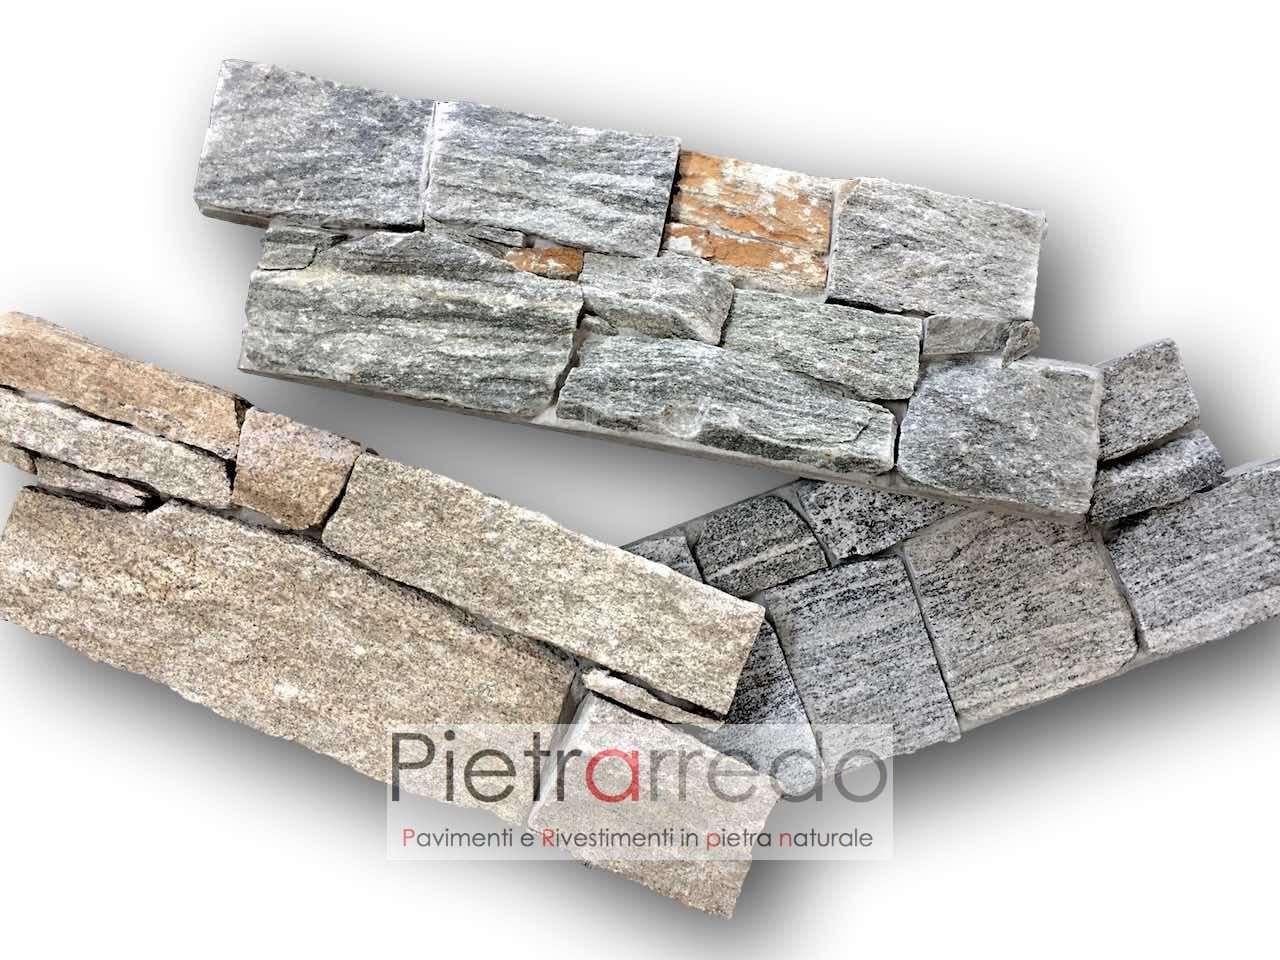 rivestimenti-pietra-rustici-prezzi-costo-muro-secco-semisecco-parete-pietrarredo-milano-beola-luserna-granito